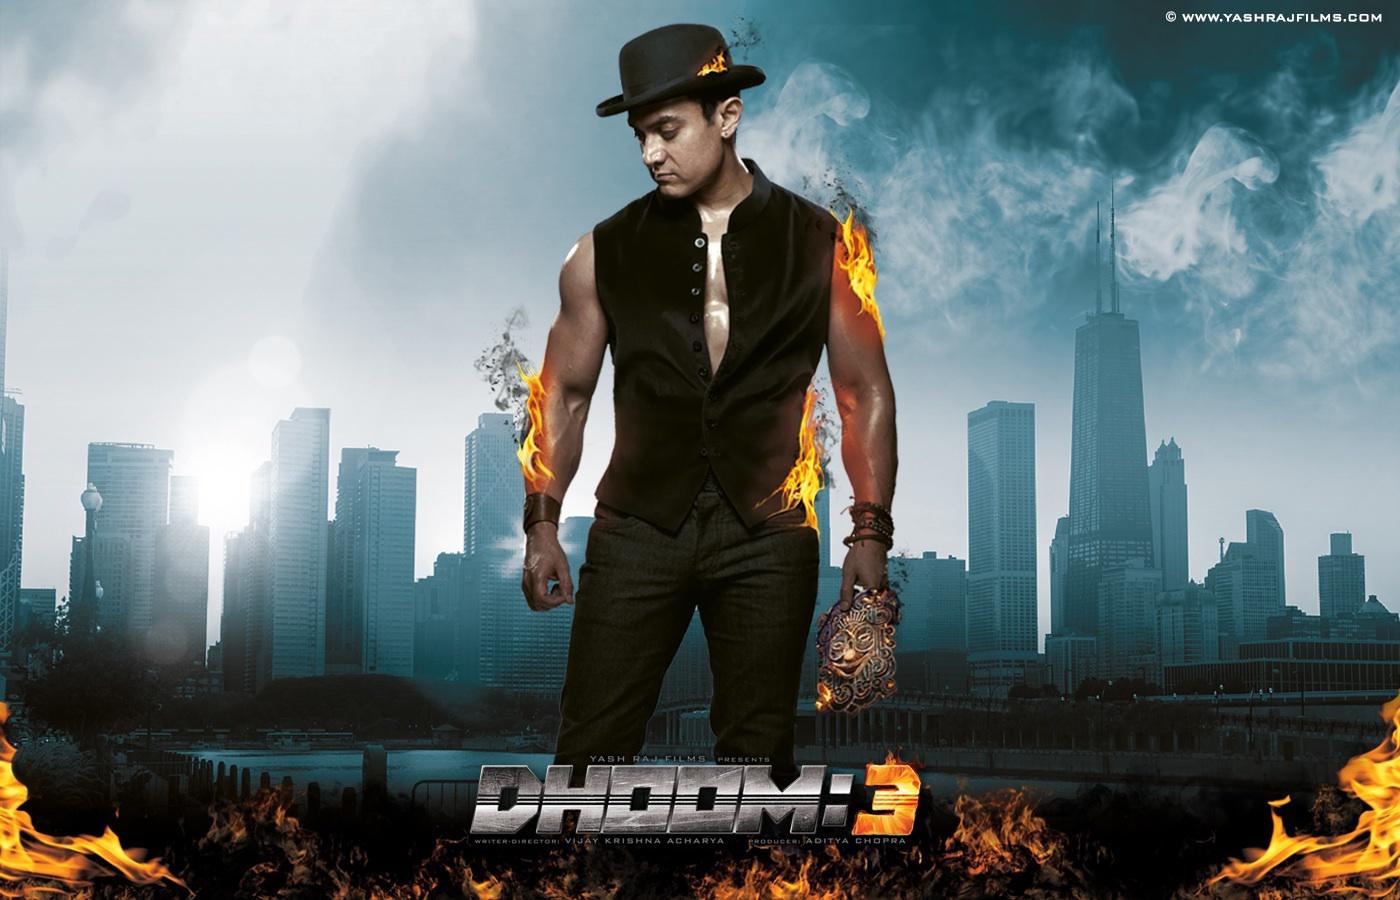 دانلود فیلم انفجار ۳ Dhoom 3 2013 سانسور شده + دوبله فارسی